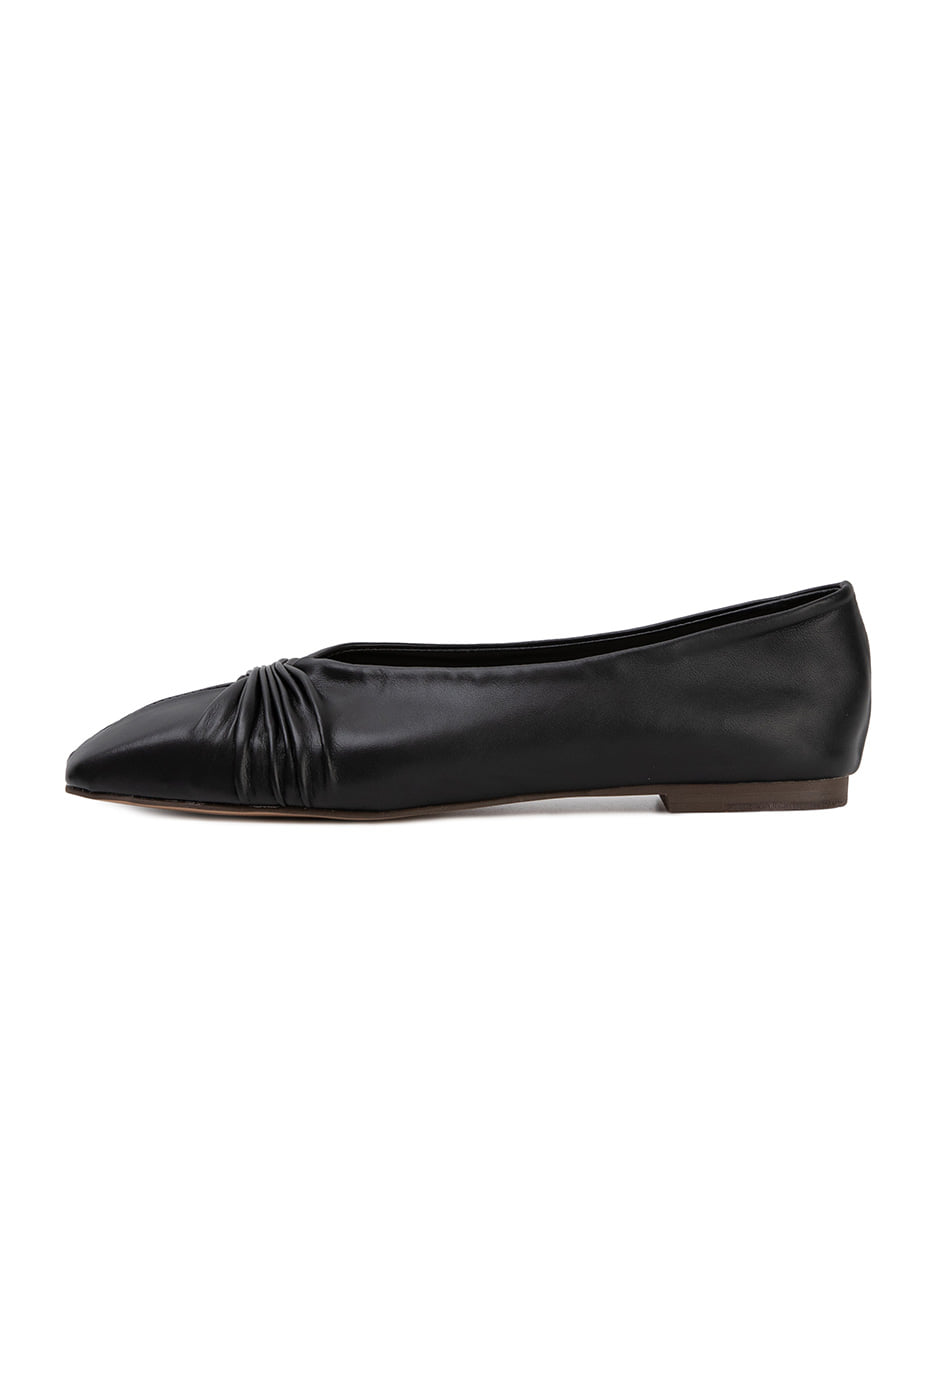 Sera shirred flat shoes